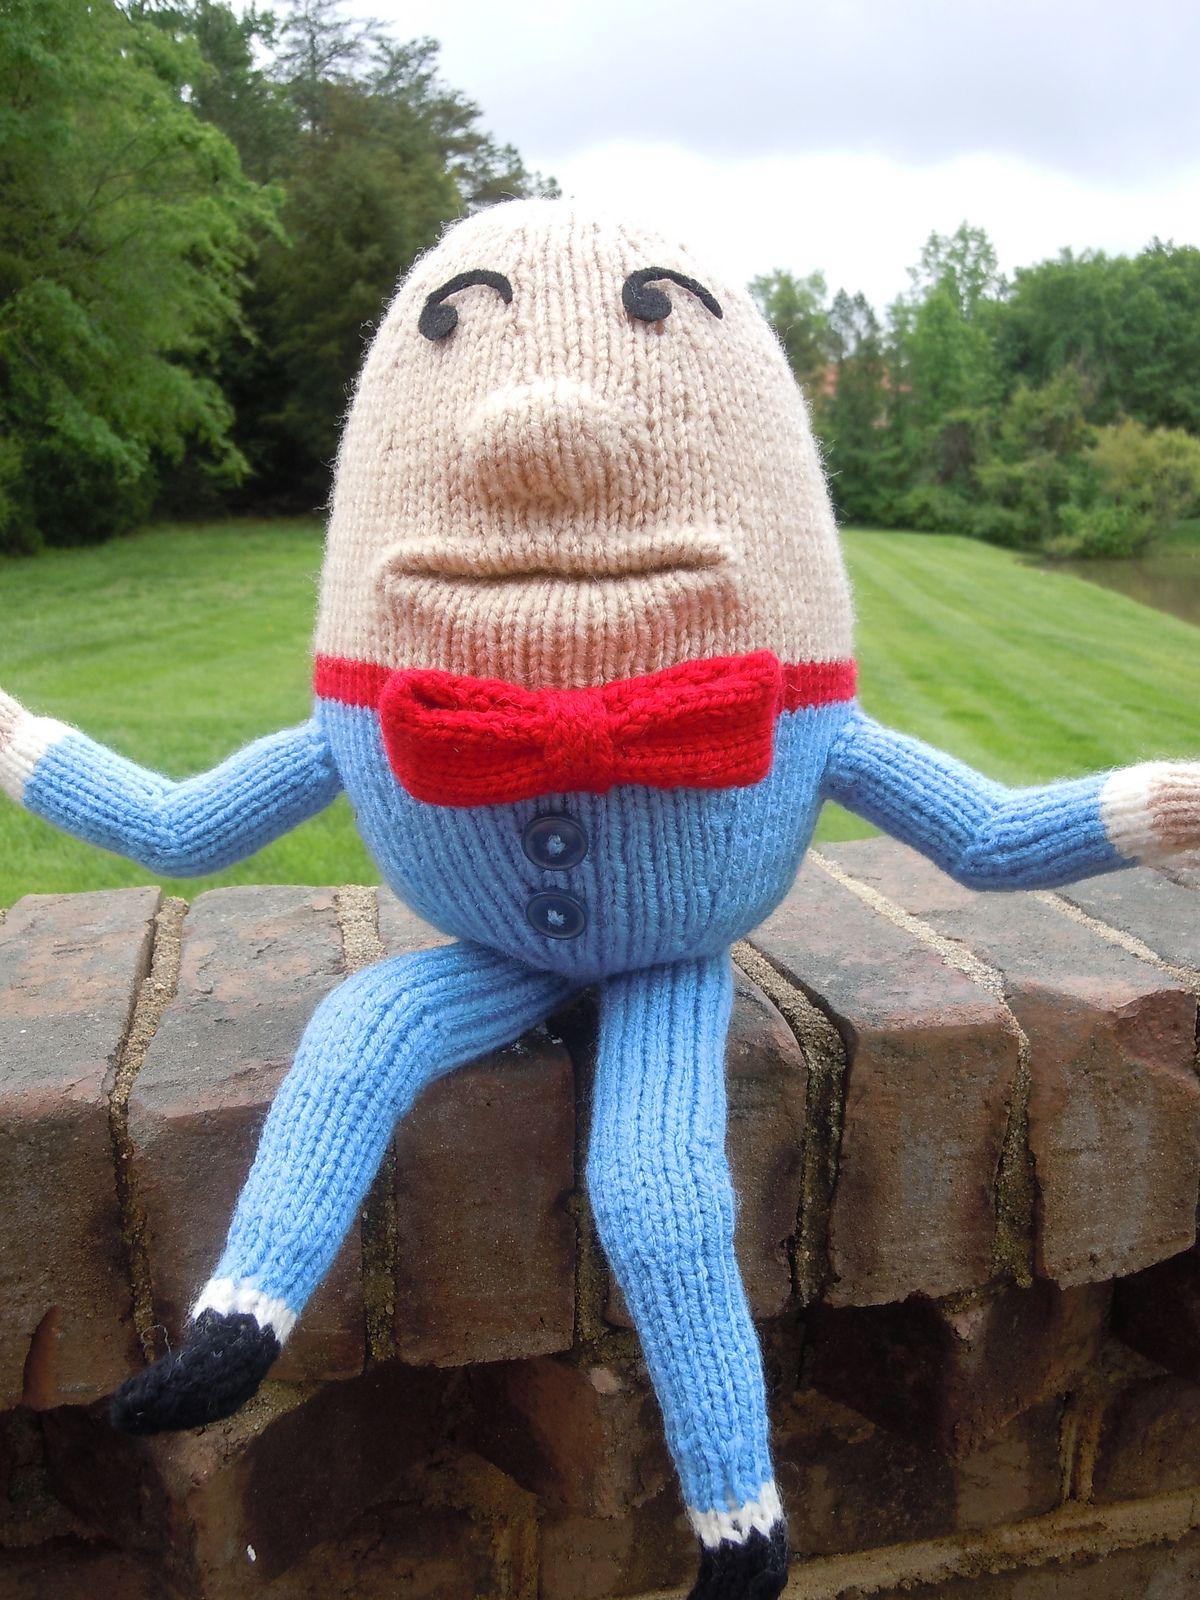 Free knitting pattern for humpty dumpty toy softie inspired by free knitting pattern for humpty dumpty toy softie inspired by the nursery rhyme 10 bankloansurffo Gallery